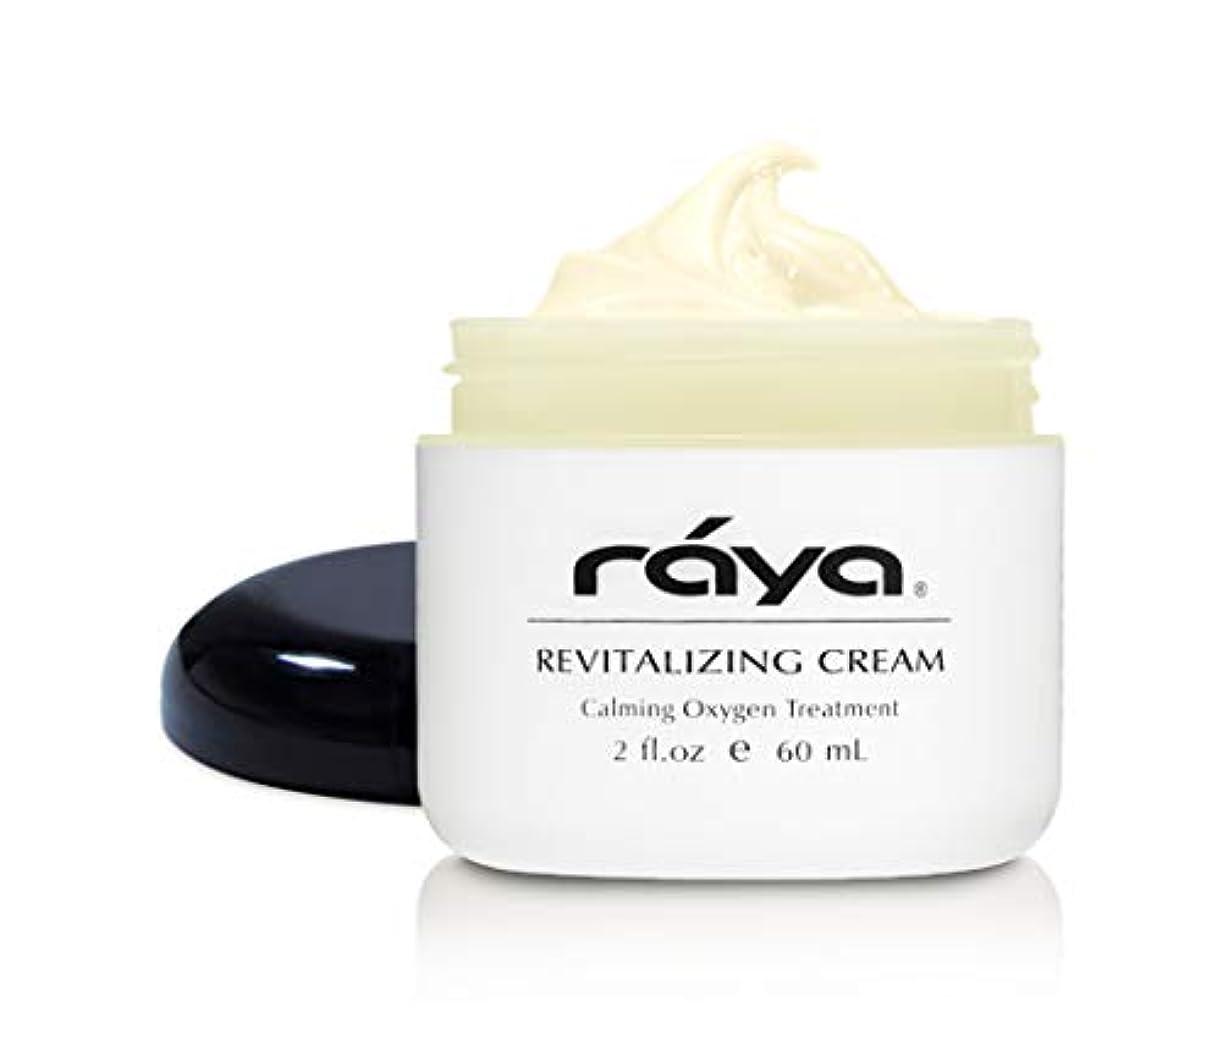 アドバイス船乗り匹敵しますRaya リバイタライジングクリーム(307) 保湿、心を落ち着かせるフェイシャル?デイとナイトクリームドライと炎症を起こした皮膚のために再生成 栄養や細かい線やしわの削減に役立ちます 2 fl-oz